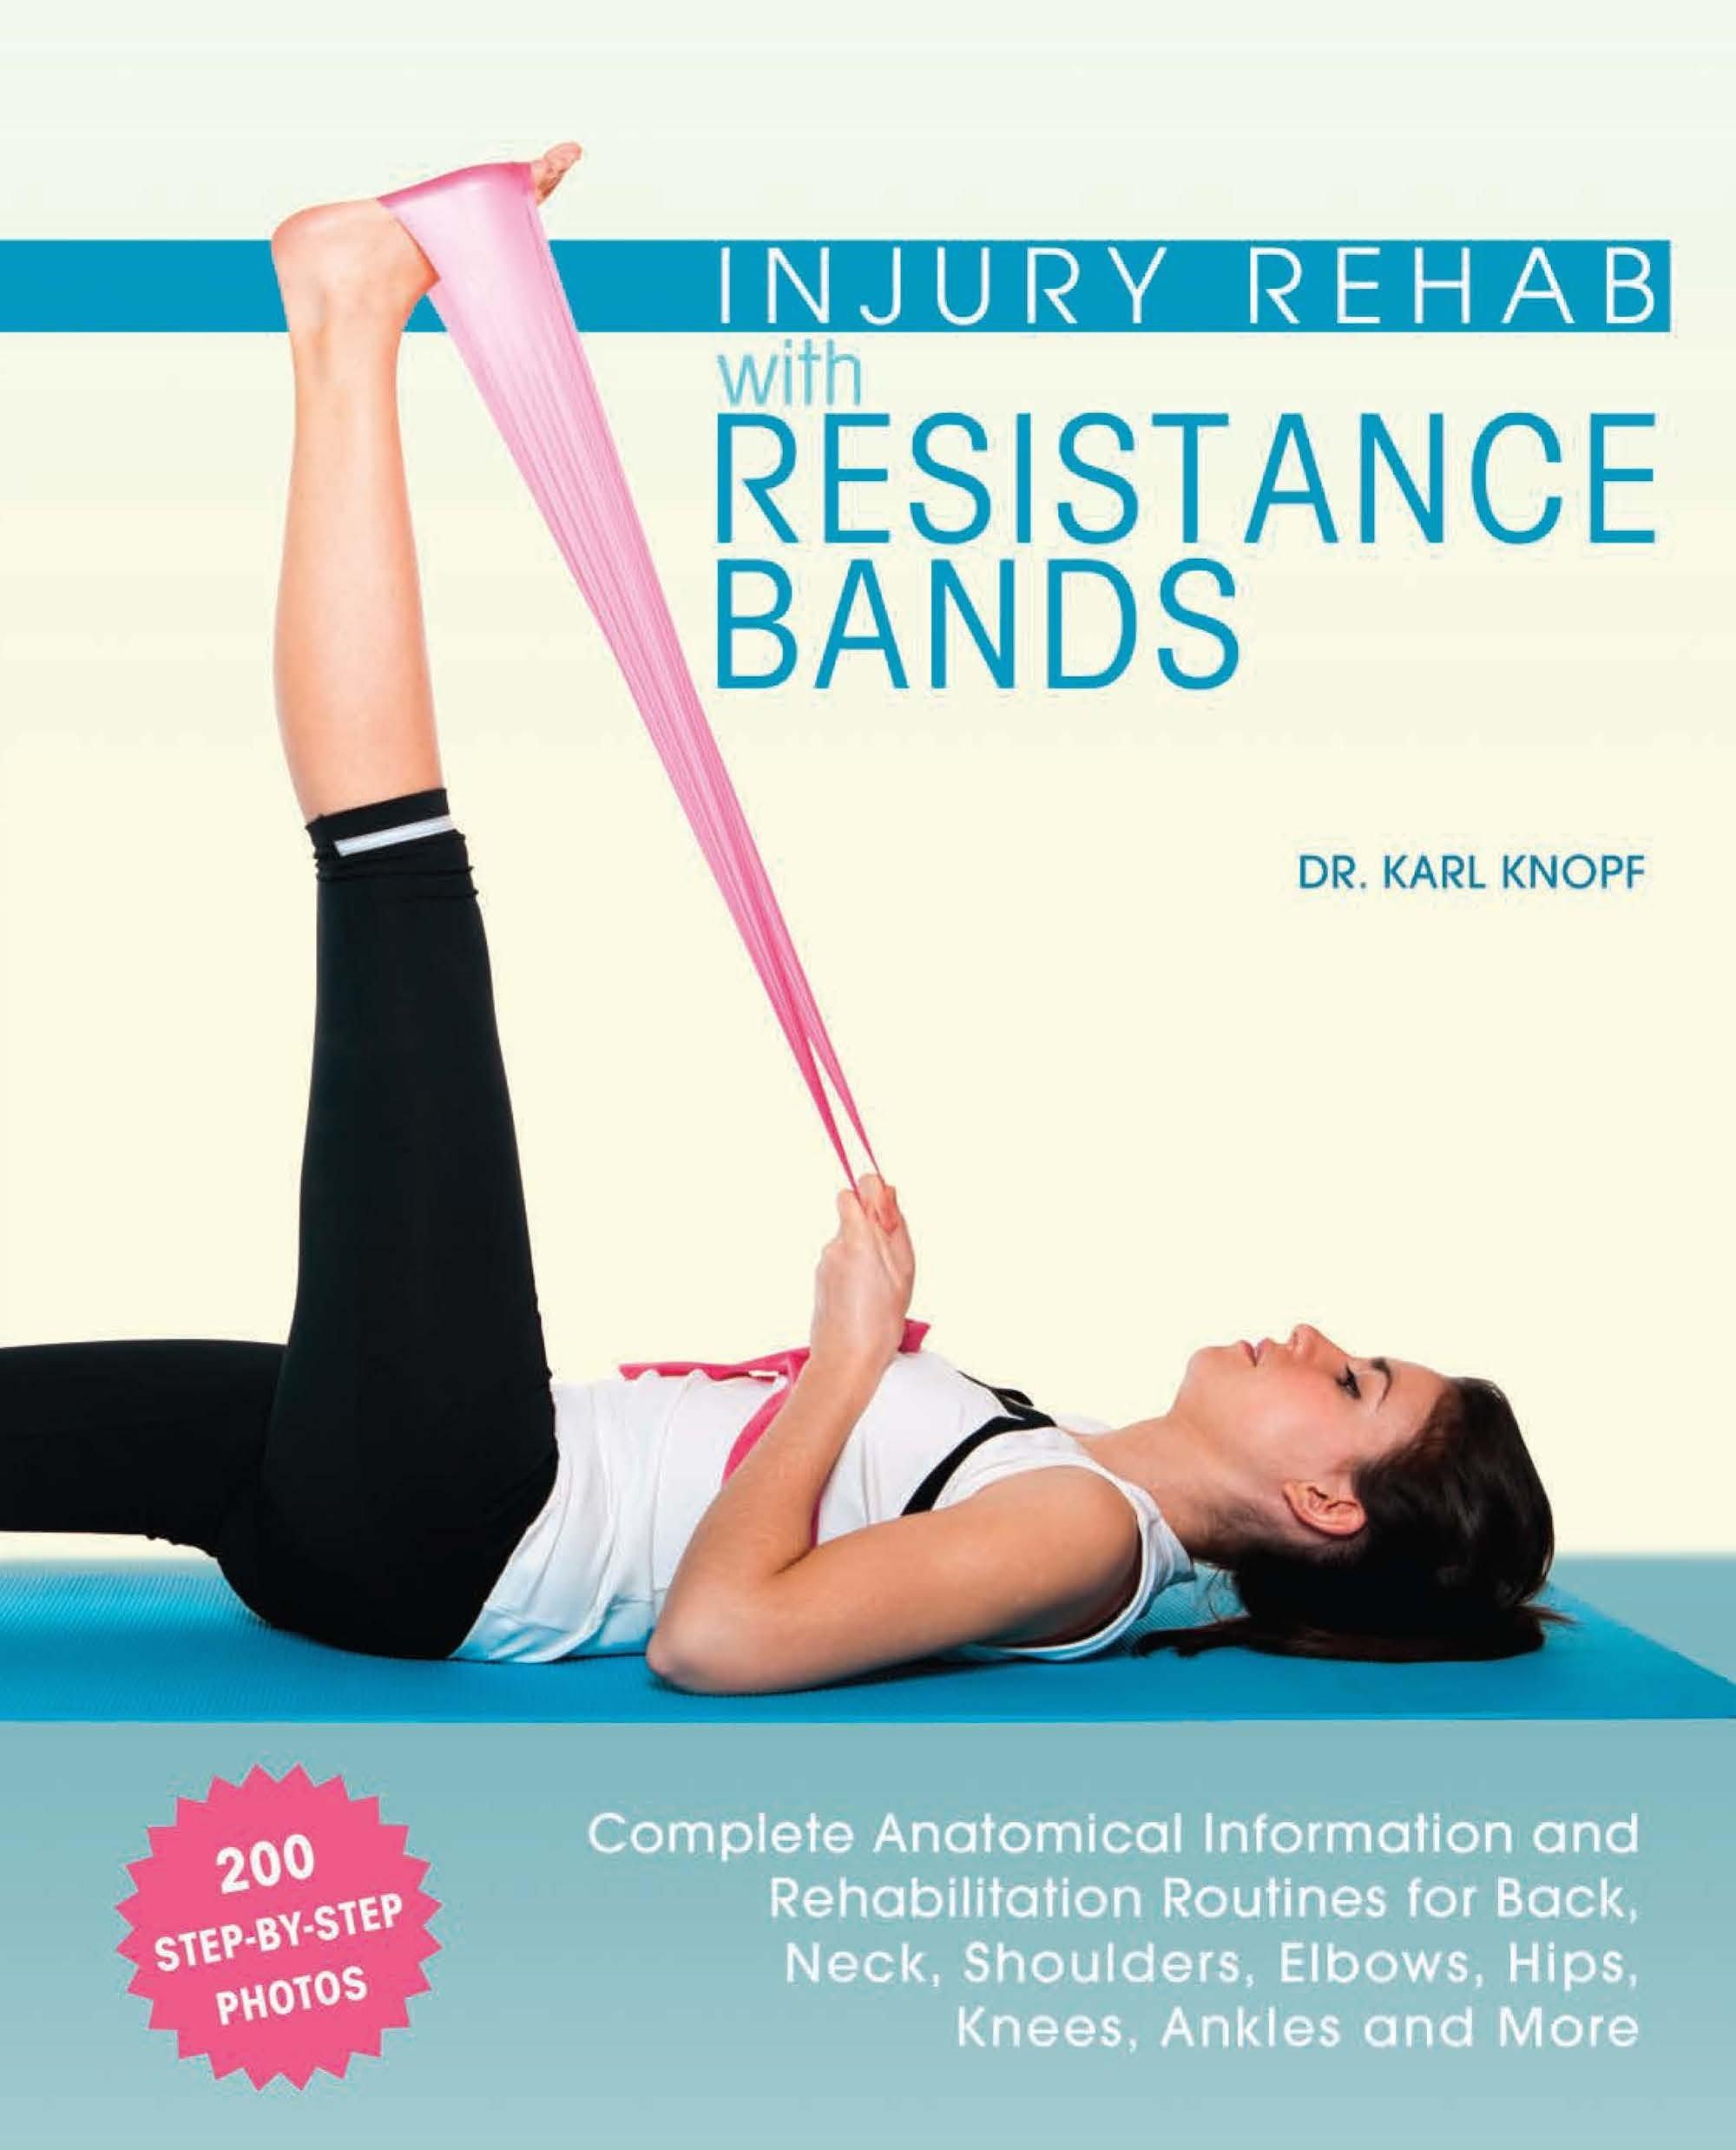 Injury Rehab Resistance Bands Rehabilitation product image